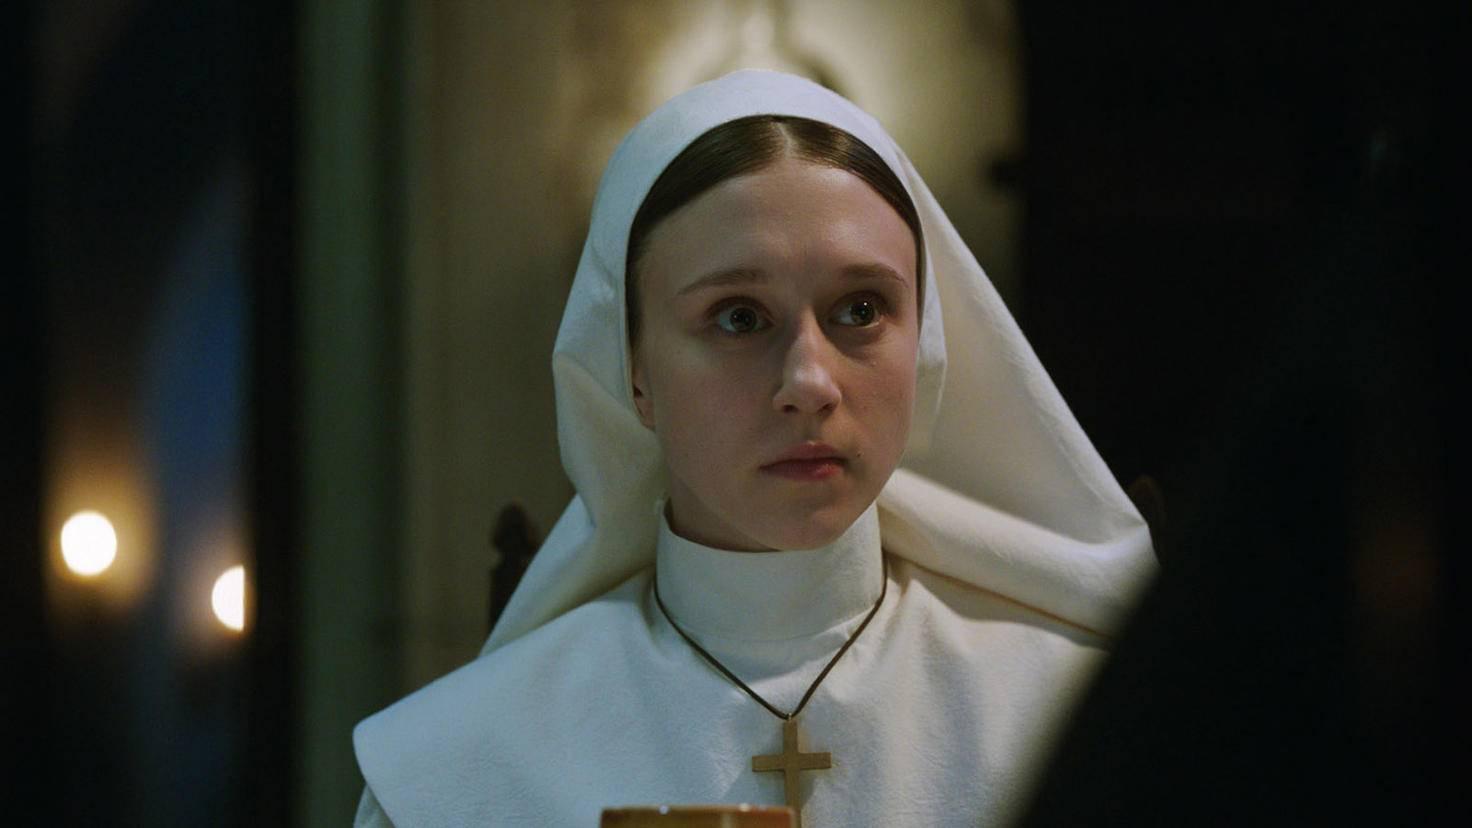 The Nun-Taissa Farmiga-Sister Irene-Courtesy of Warner Bros Pictures (3)